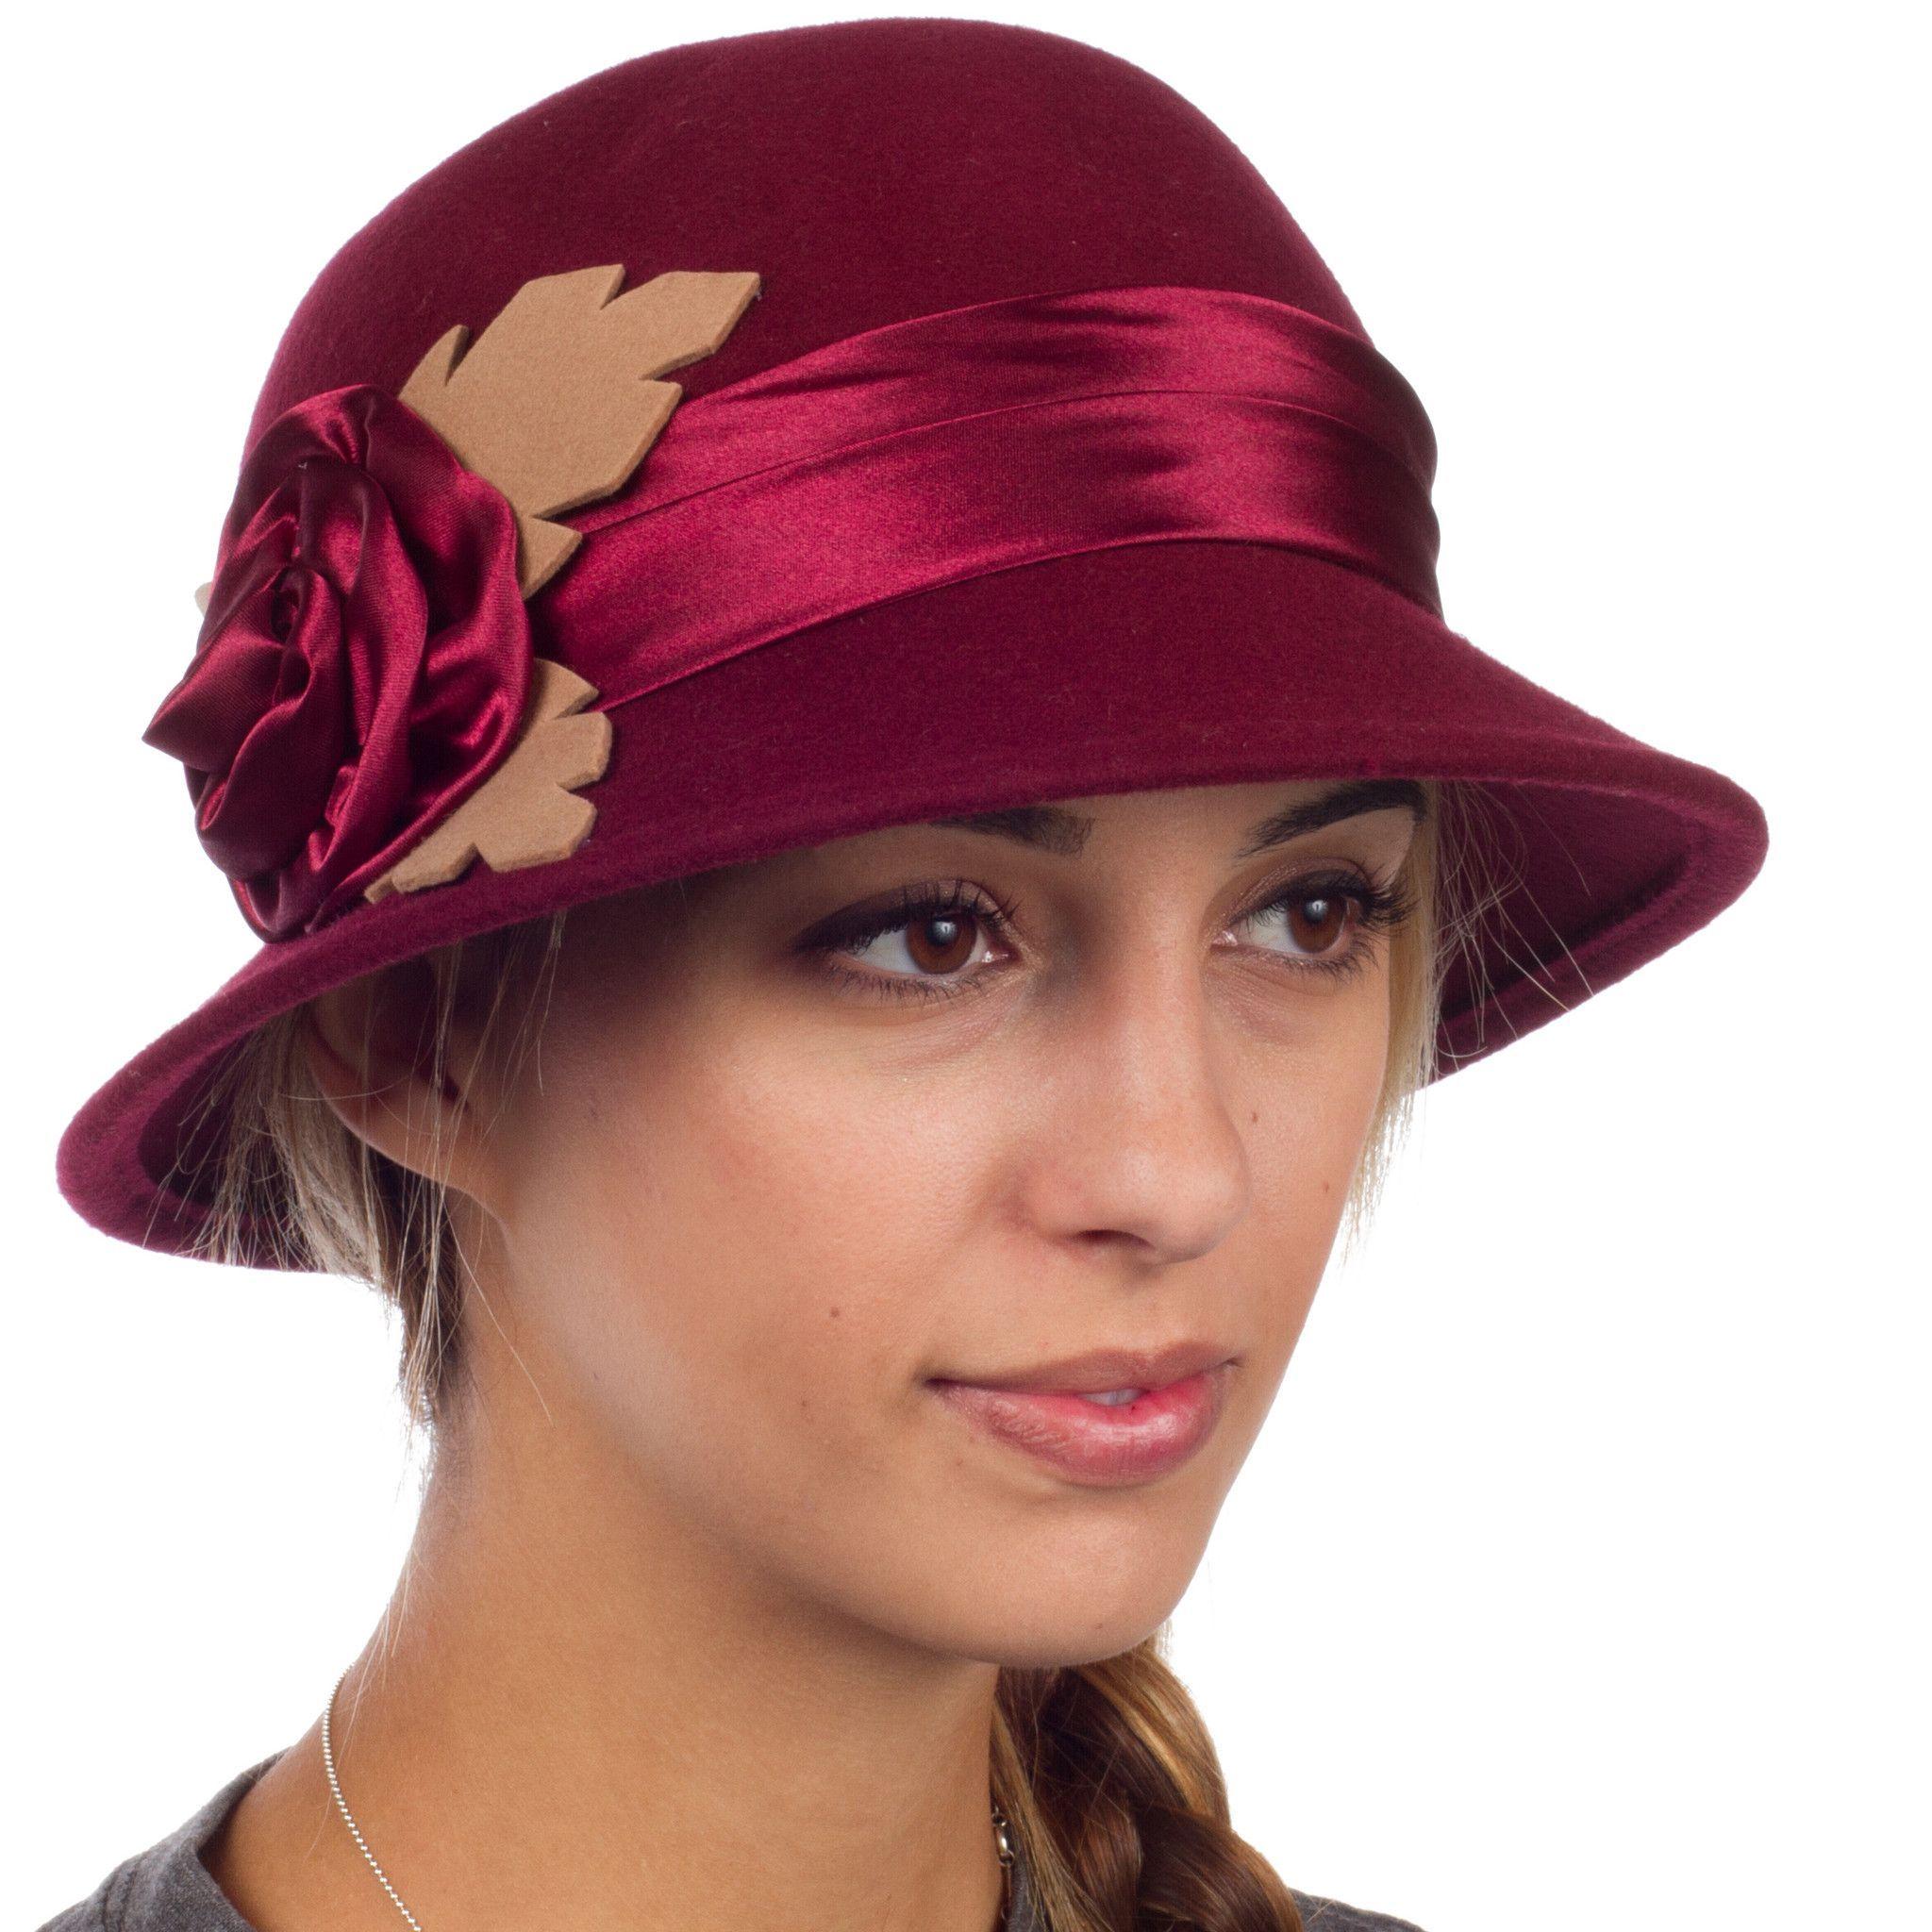 c5c01fcbc08f5 Sakkas Farrah Vintage Style Wool Cloche Hat